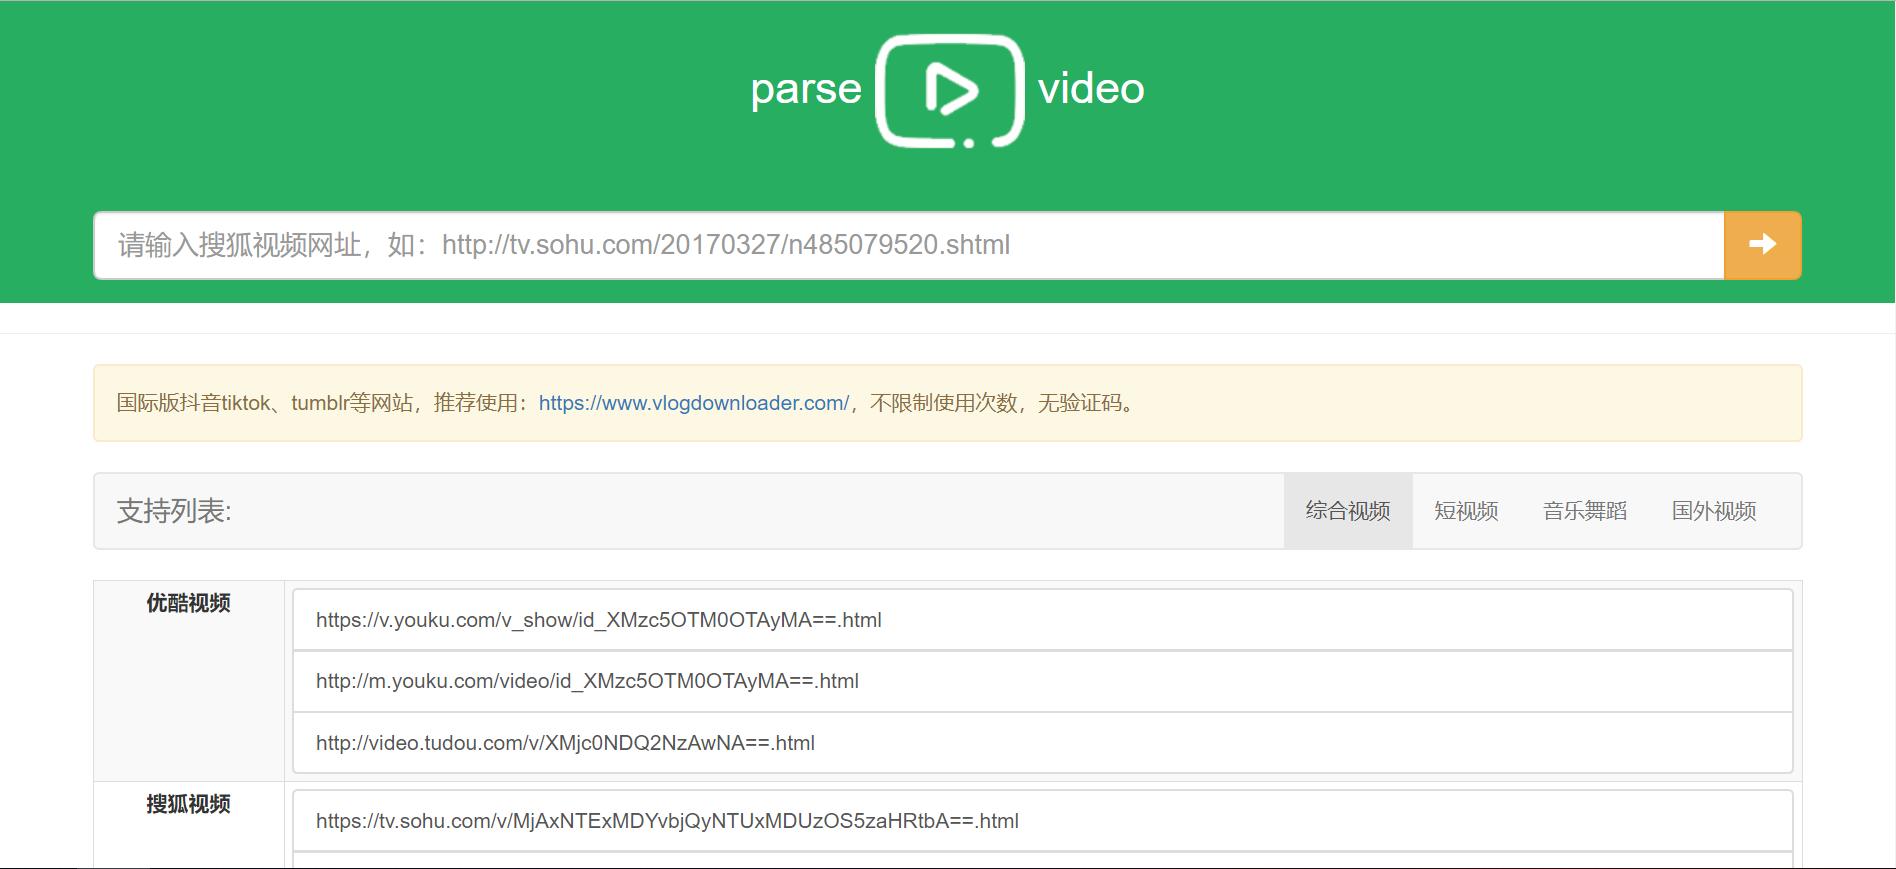 视频解析网:视频在线解析下载